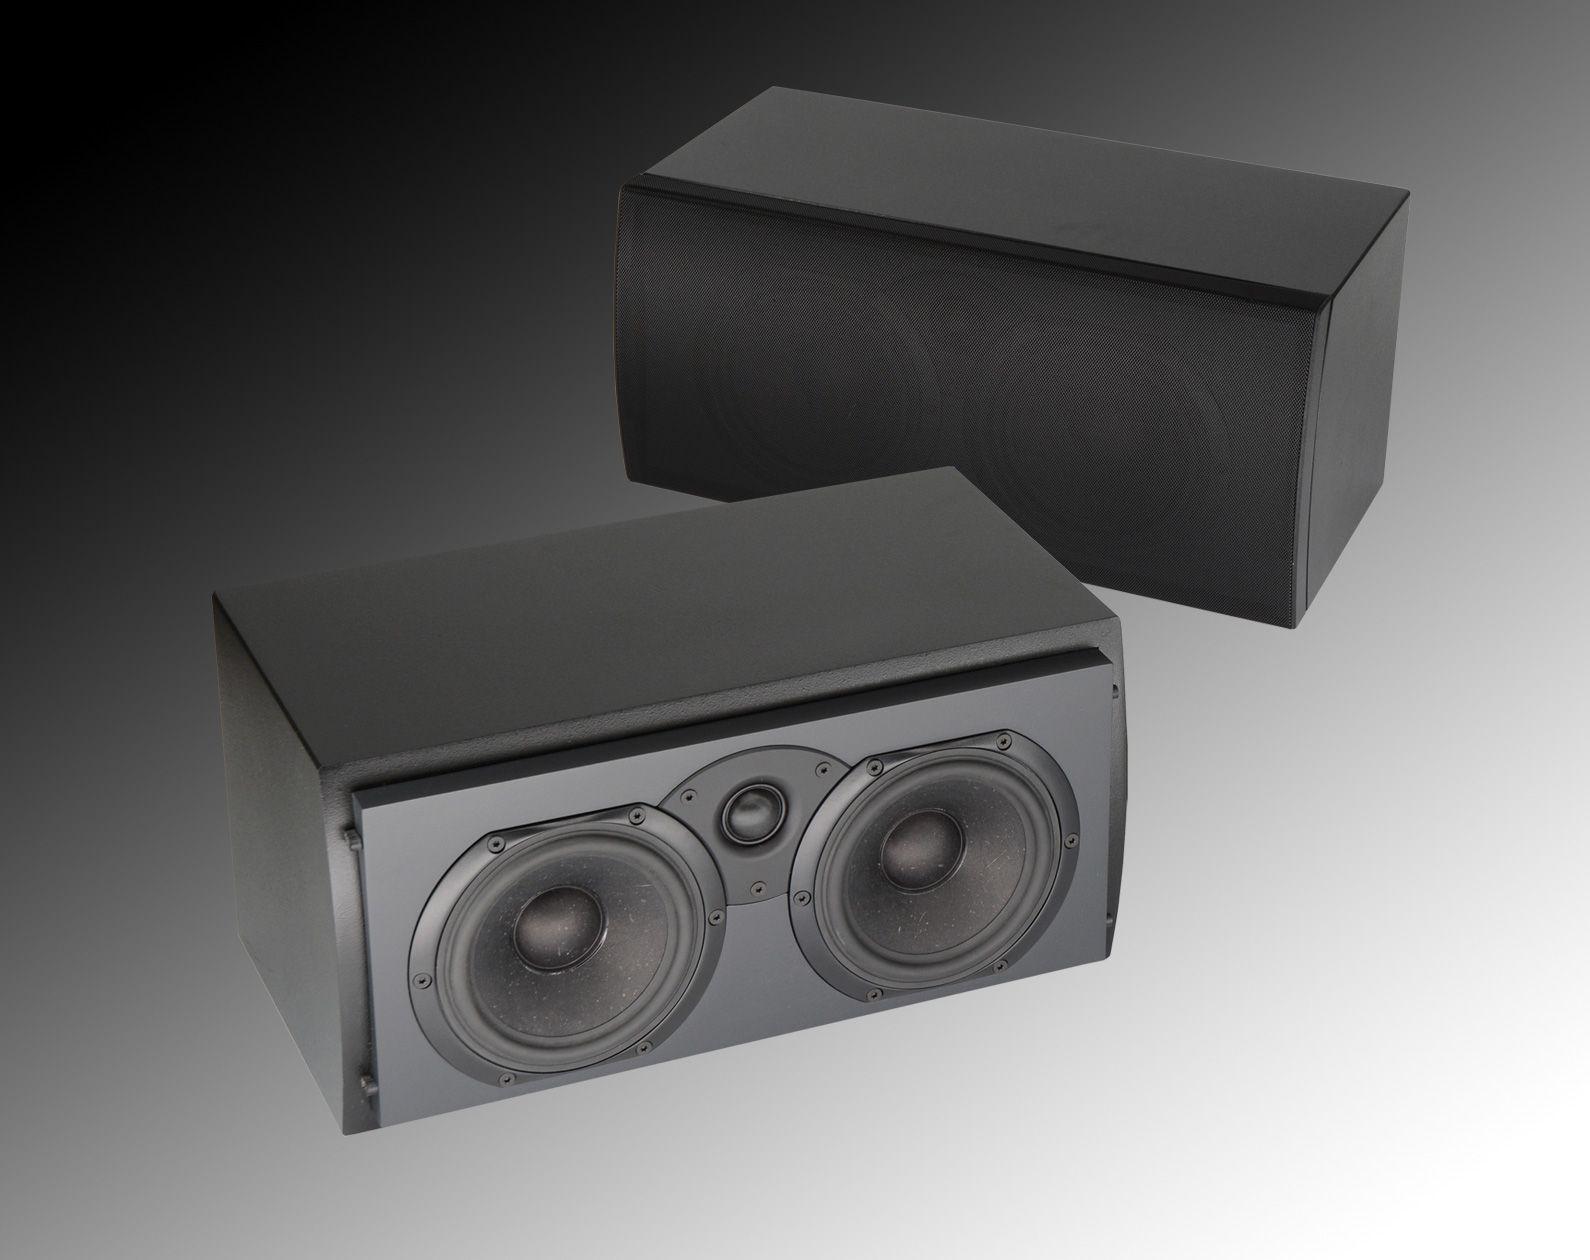 INROOM BRONZE CENTER triad speakers